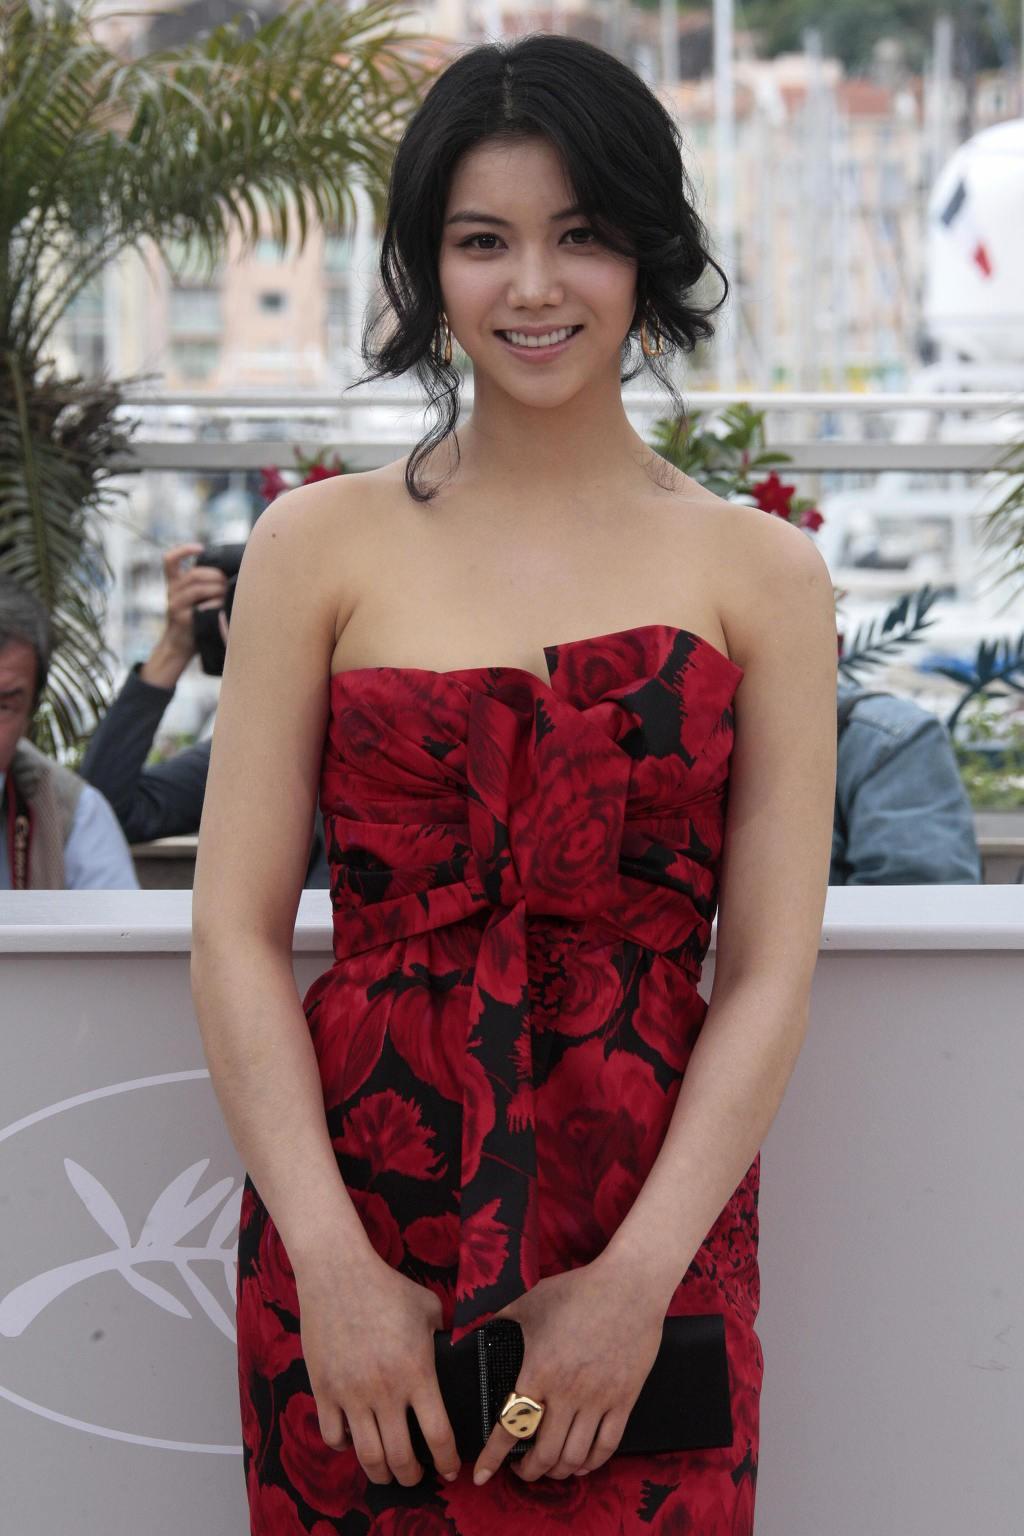 Tiểu tam tin đồn mới trong vụ ồn ào Song Song: Cô dâu Hà Nội gây sốc vì cảnh nóng, trải qua 2 mối tình chóng vánh-18